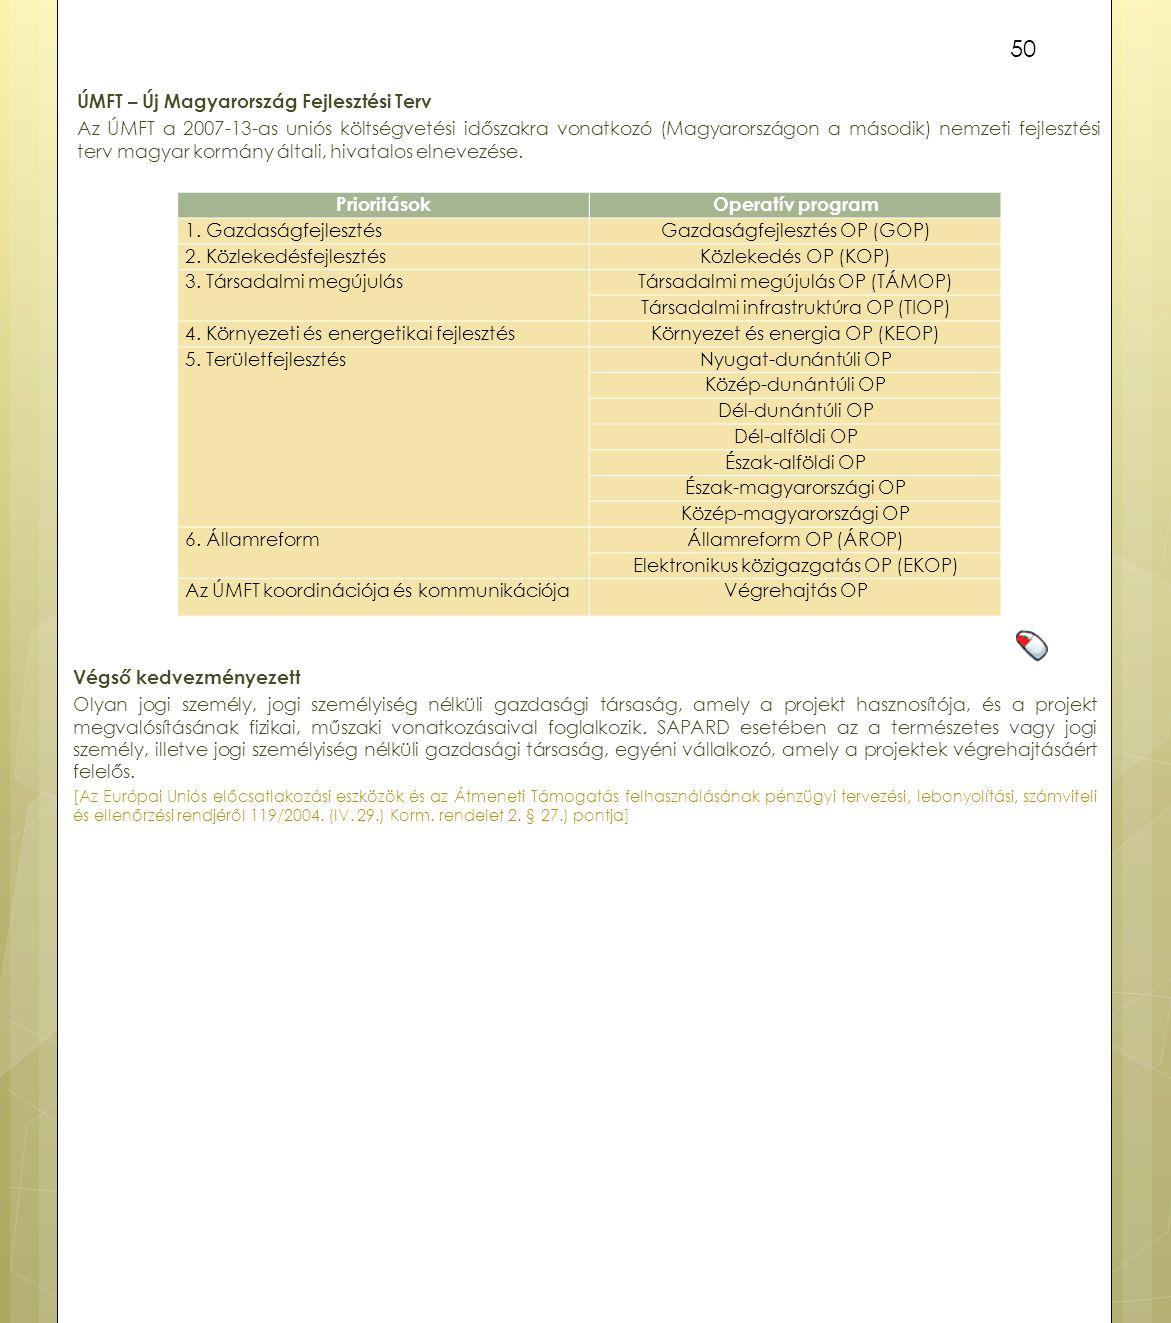 ÚMFT – Új Magyarország Fejlesztési Terv Az ÚMFT a 2007-13-as uniós költségvetési időszakra vonatkozó (Magyarországon a második) nemzeti fejlesztési te